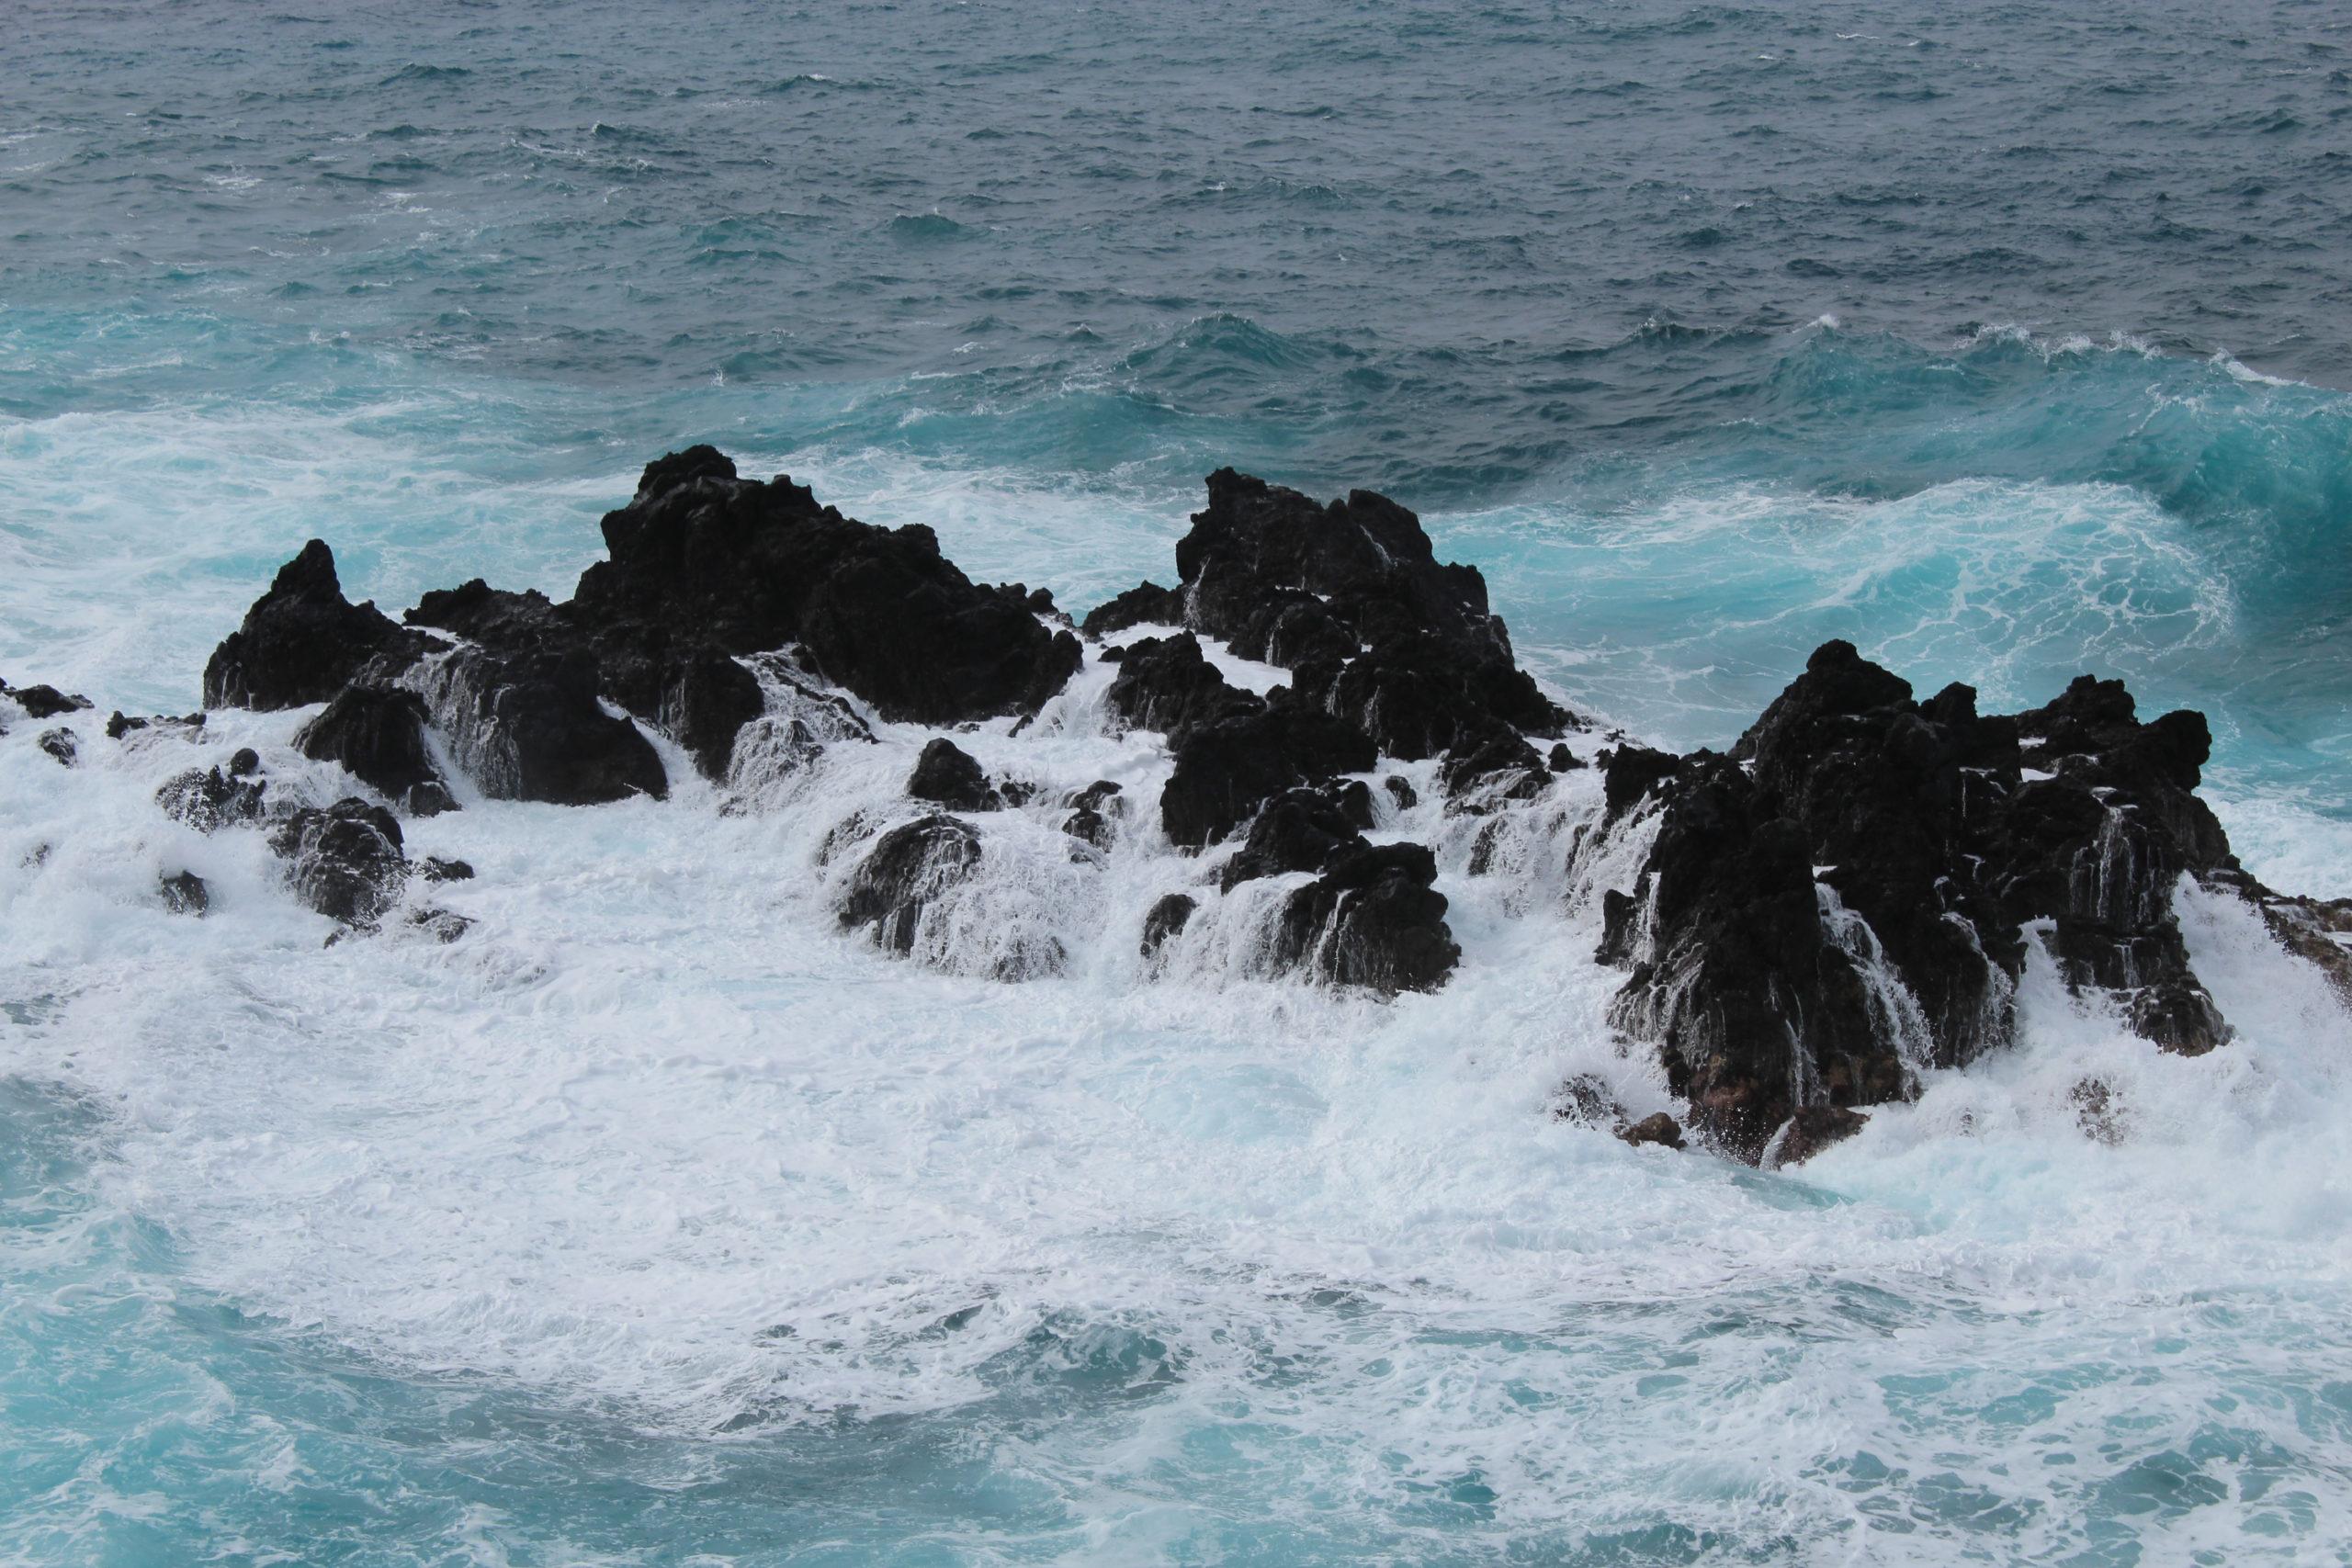 madera fale rozbijają się o skały